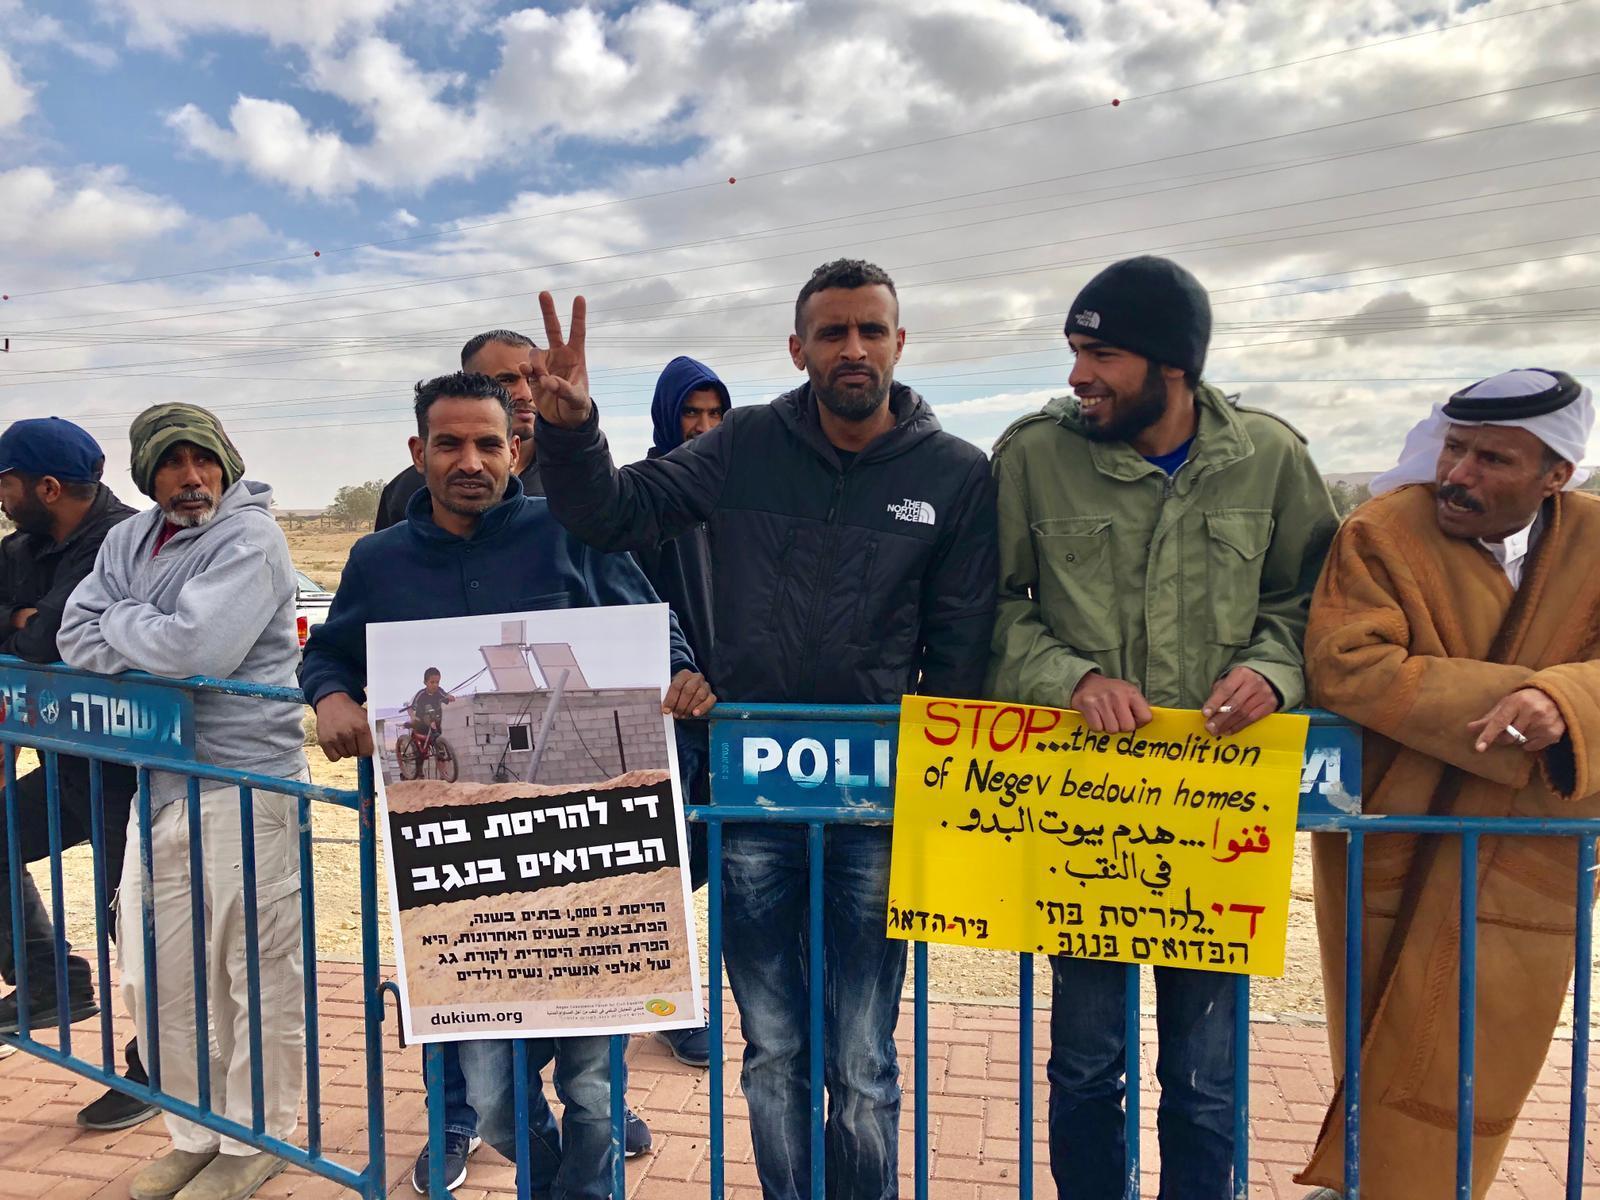 النقب: مظاهرة في بير هداج ضد هدم المنازل